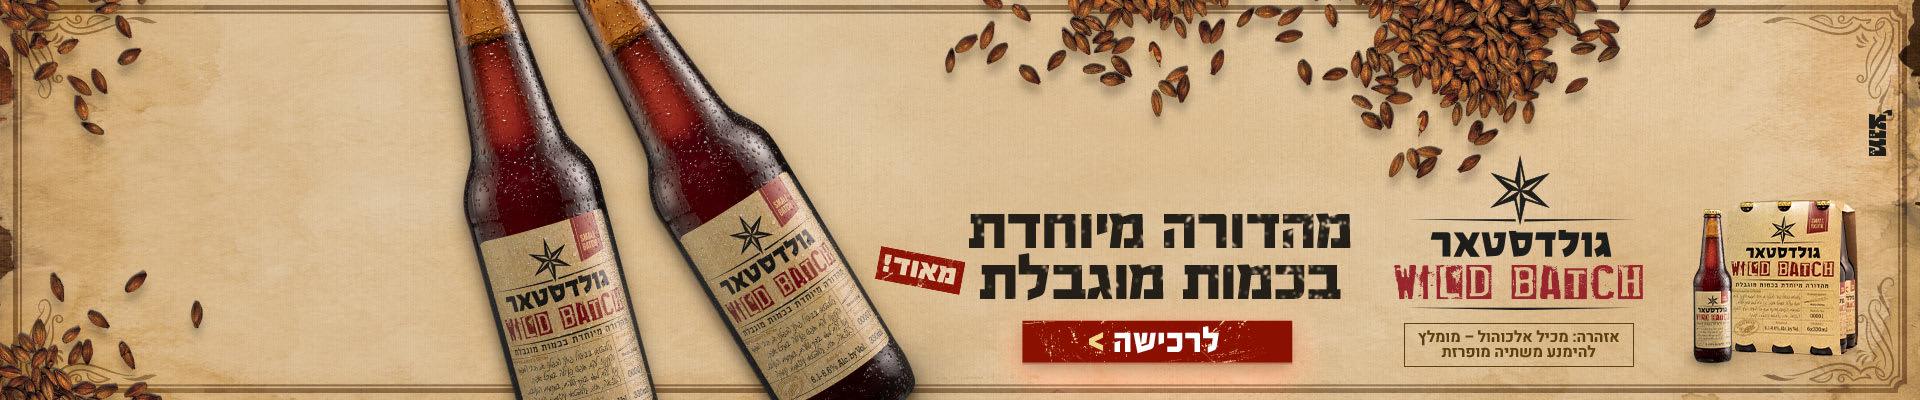 גולדסטאר WILD BSTCH מהדורה מיוחדת בכמות מוגבלת מאוד! לרכישה אזהרה: מכיל אלכוהול – מומלץ להימנע משתייה מופרזת